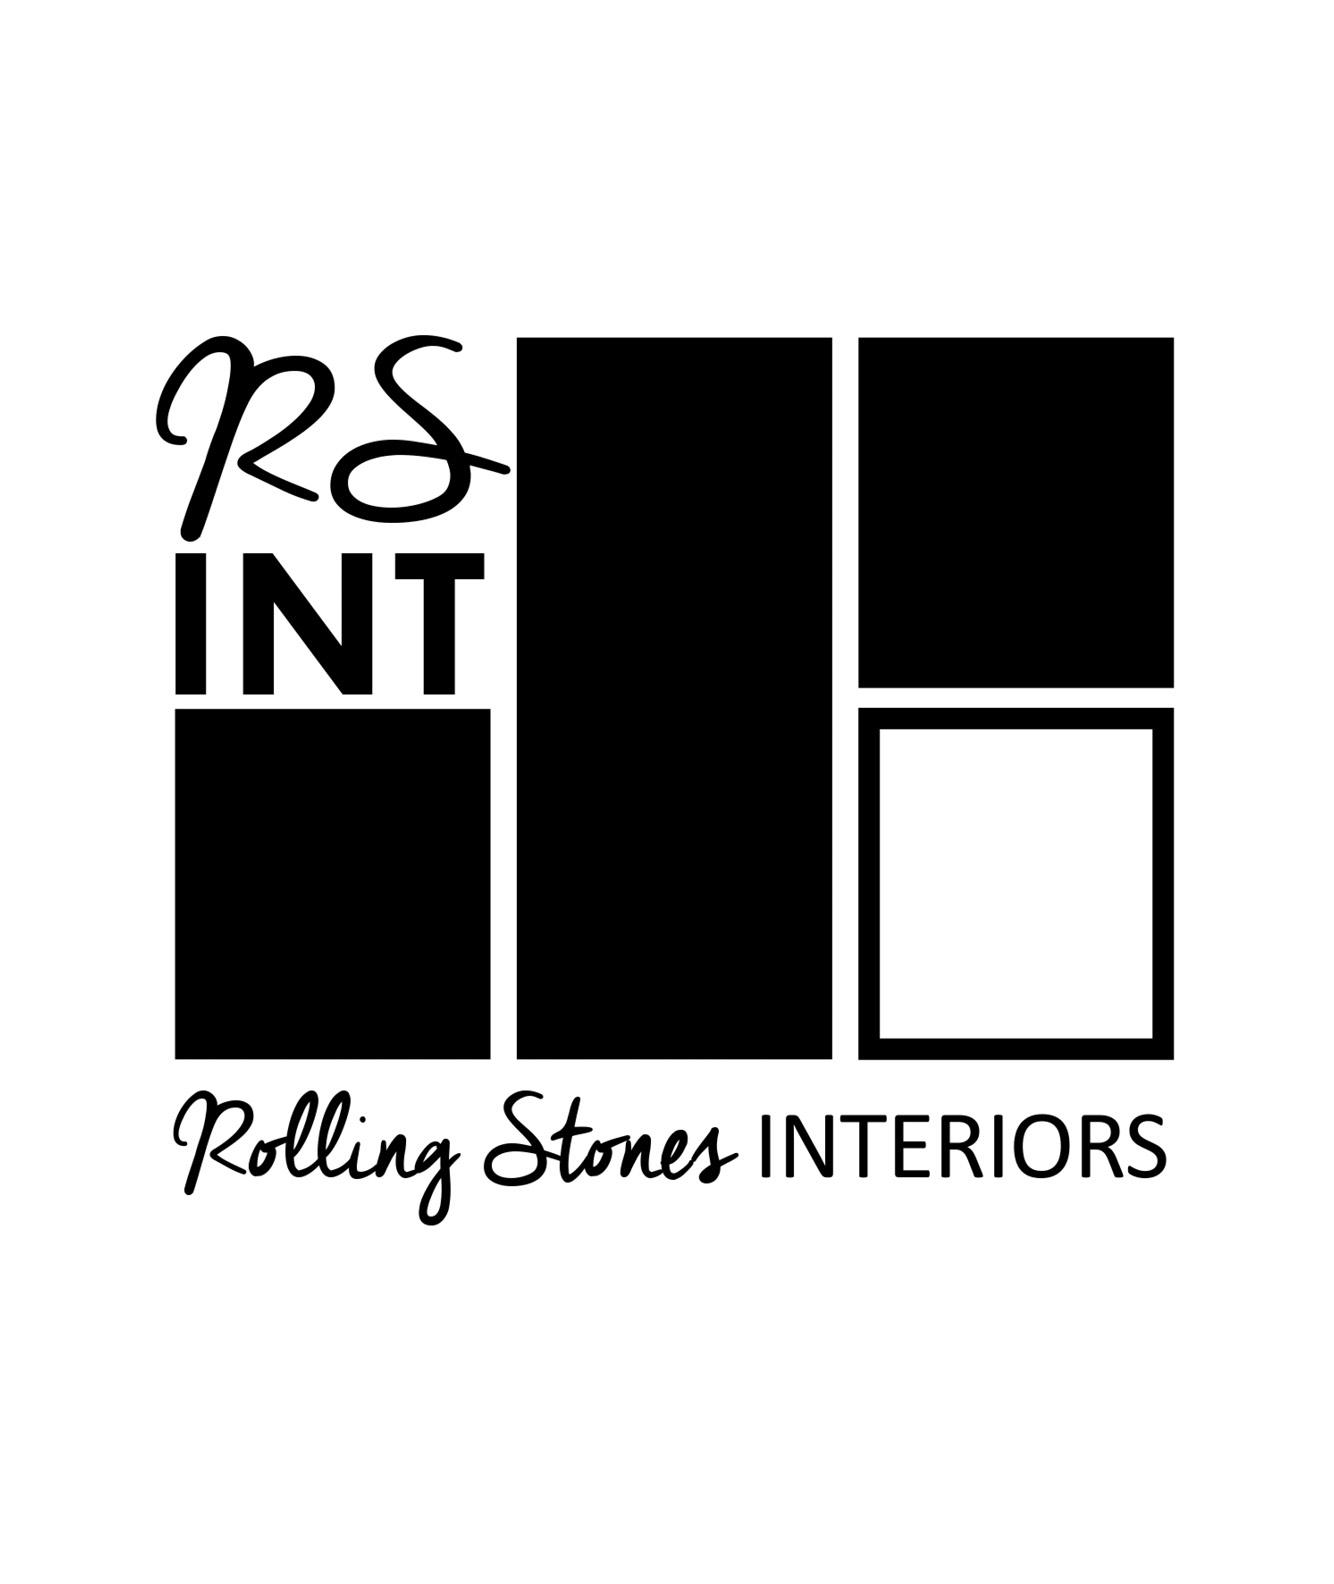 Rolling Stones Interiors Logo Design